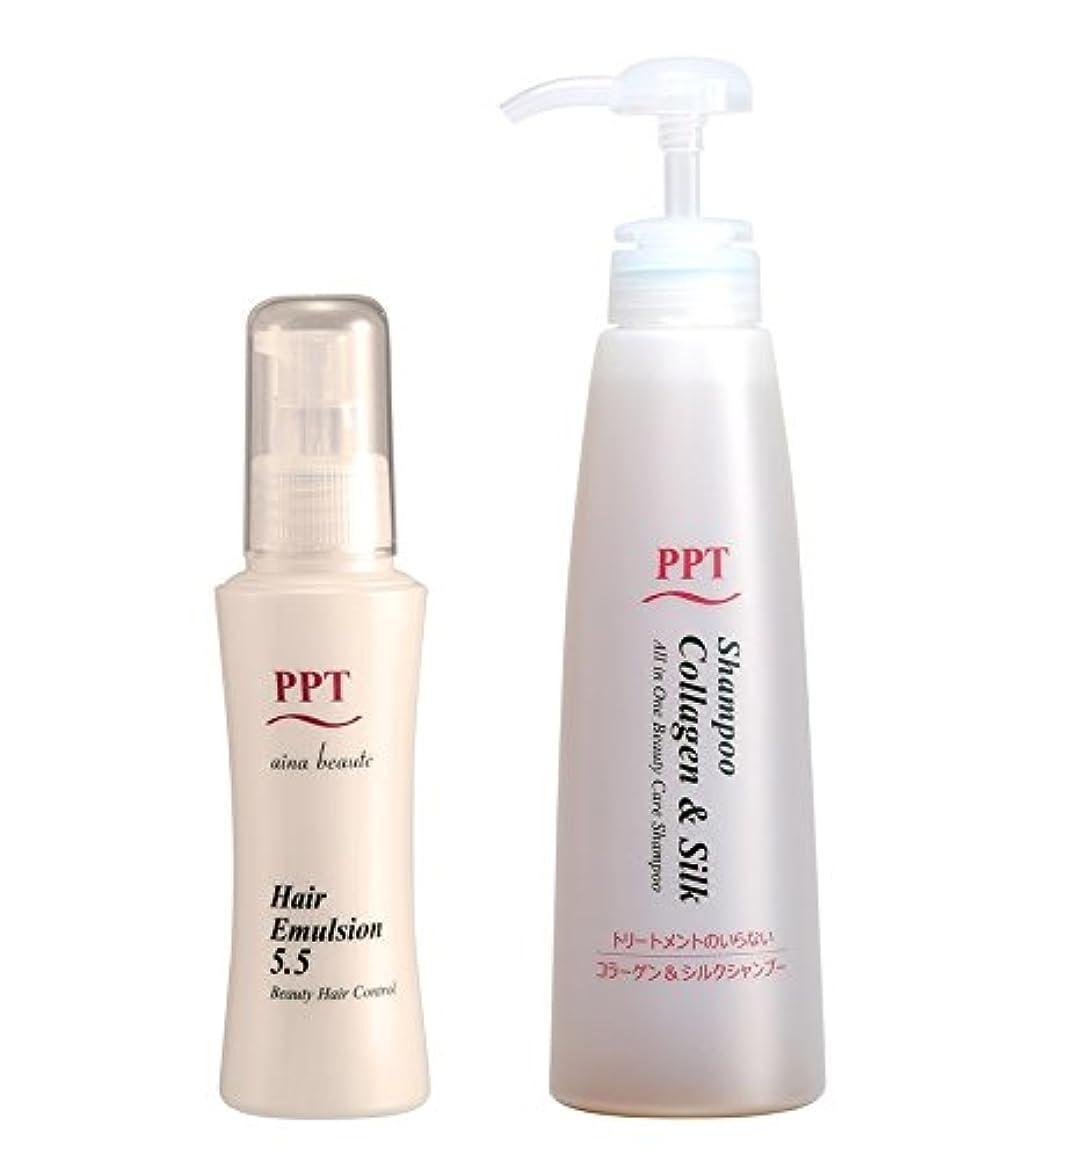 無法者浸透する失速トリートメント不要 PPTコラーゲン&シルクシャンプー乾燥肌~普通肌用(しっとり),PPTヘアエマルジョン5.5セット